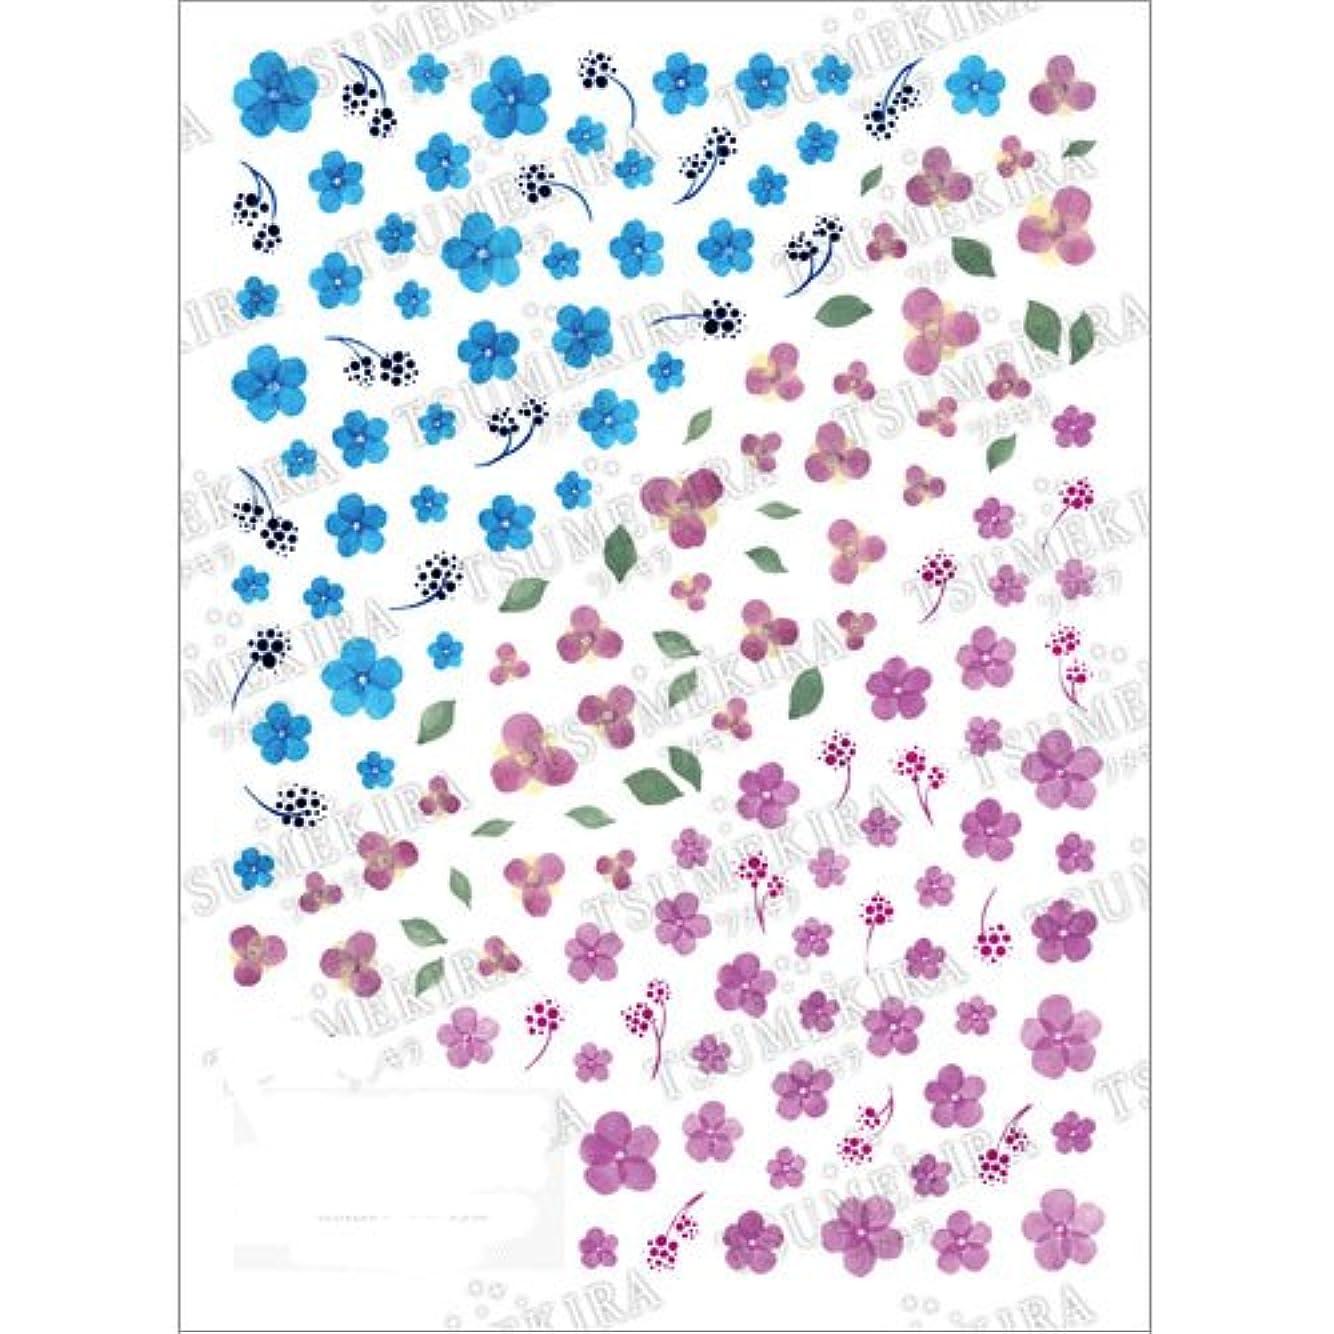 中央値栄光和らげるTSUMEKIRA(ツメキラ) ネイルシール 工藤恭子プロデュース3 水彩フラワー NN-PRD-703 1枚